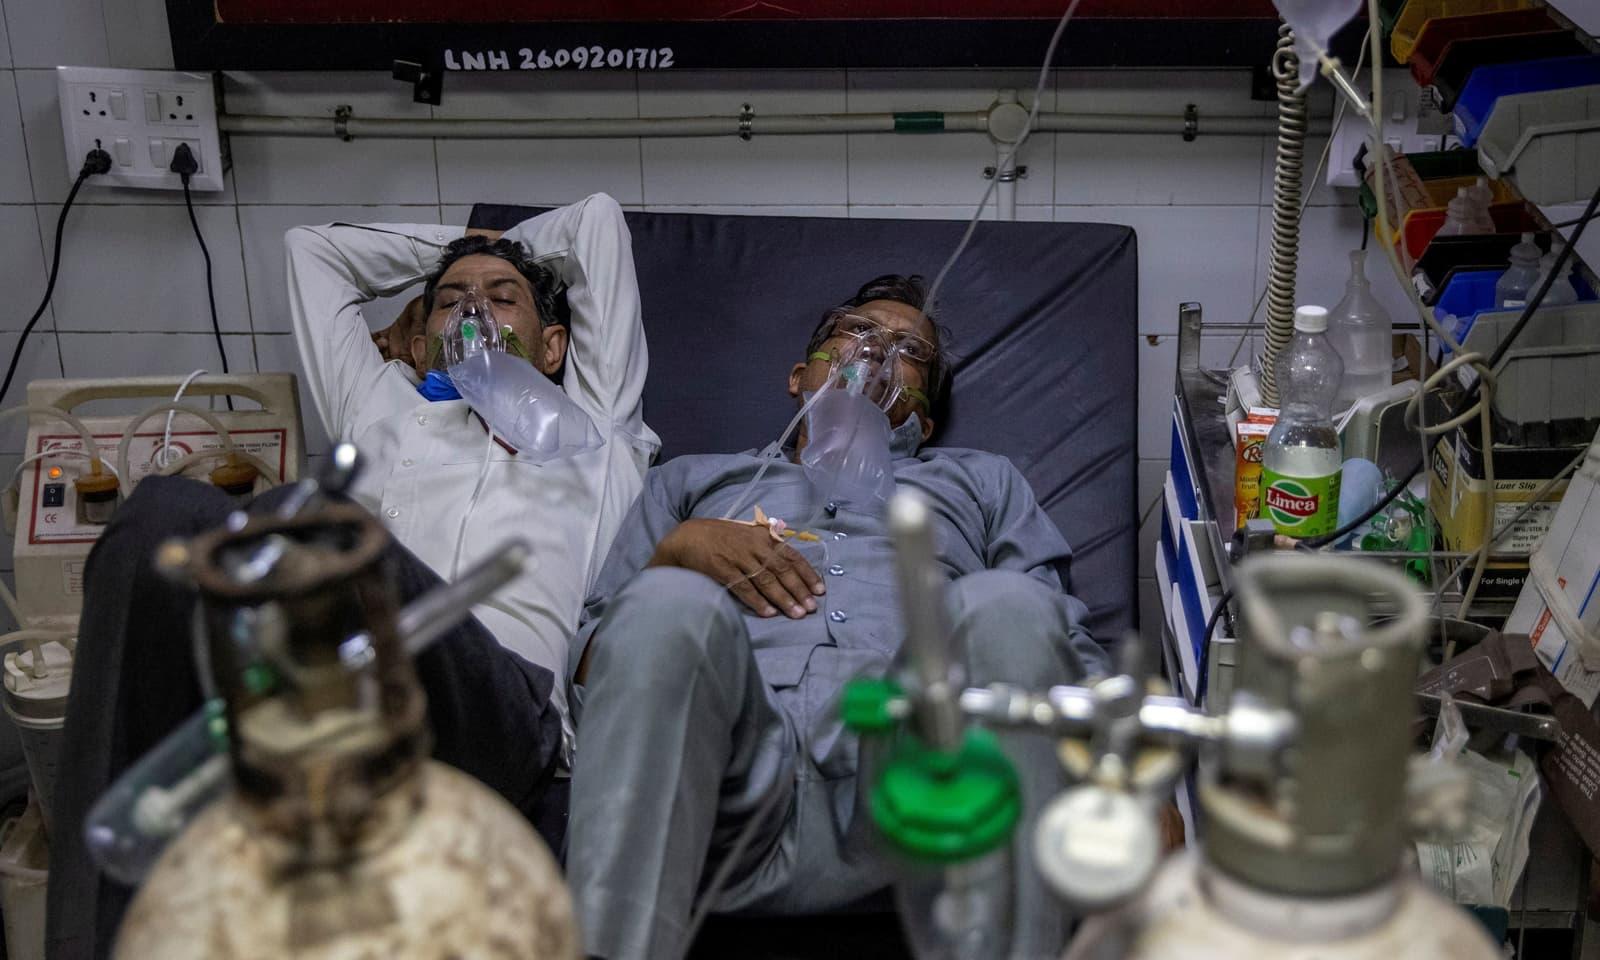 نئی دہلی کے ہسپتالوں میں مریضوں کے لیے جگہ کم پڑگئی—فوٹو: رائٹرز